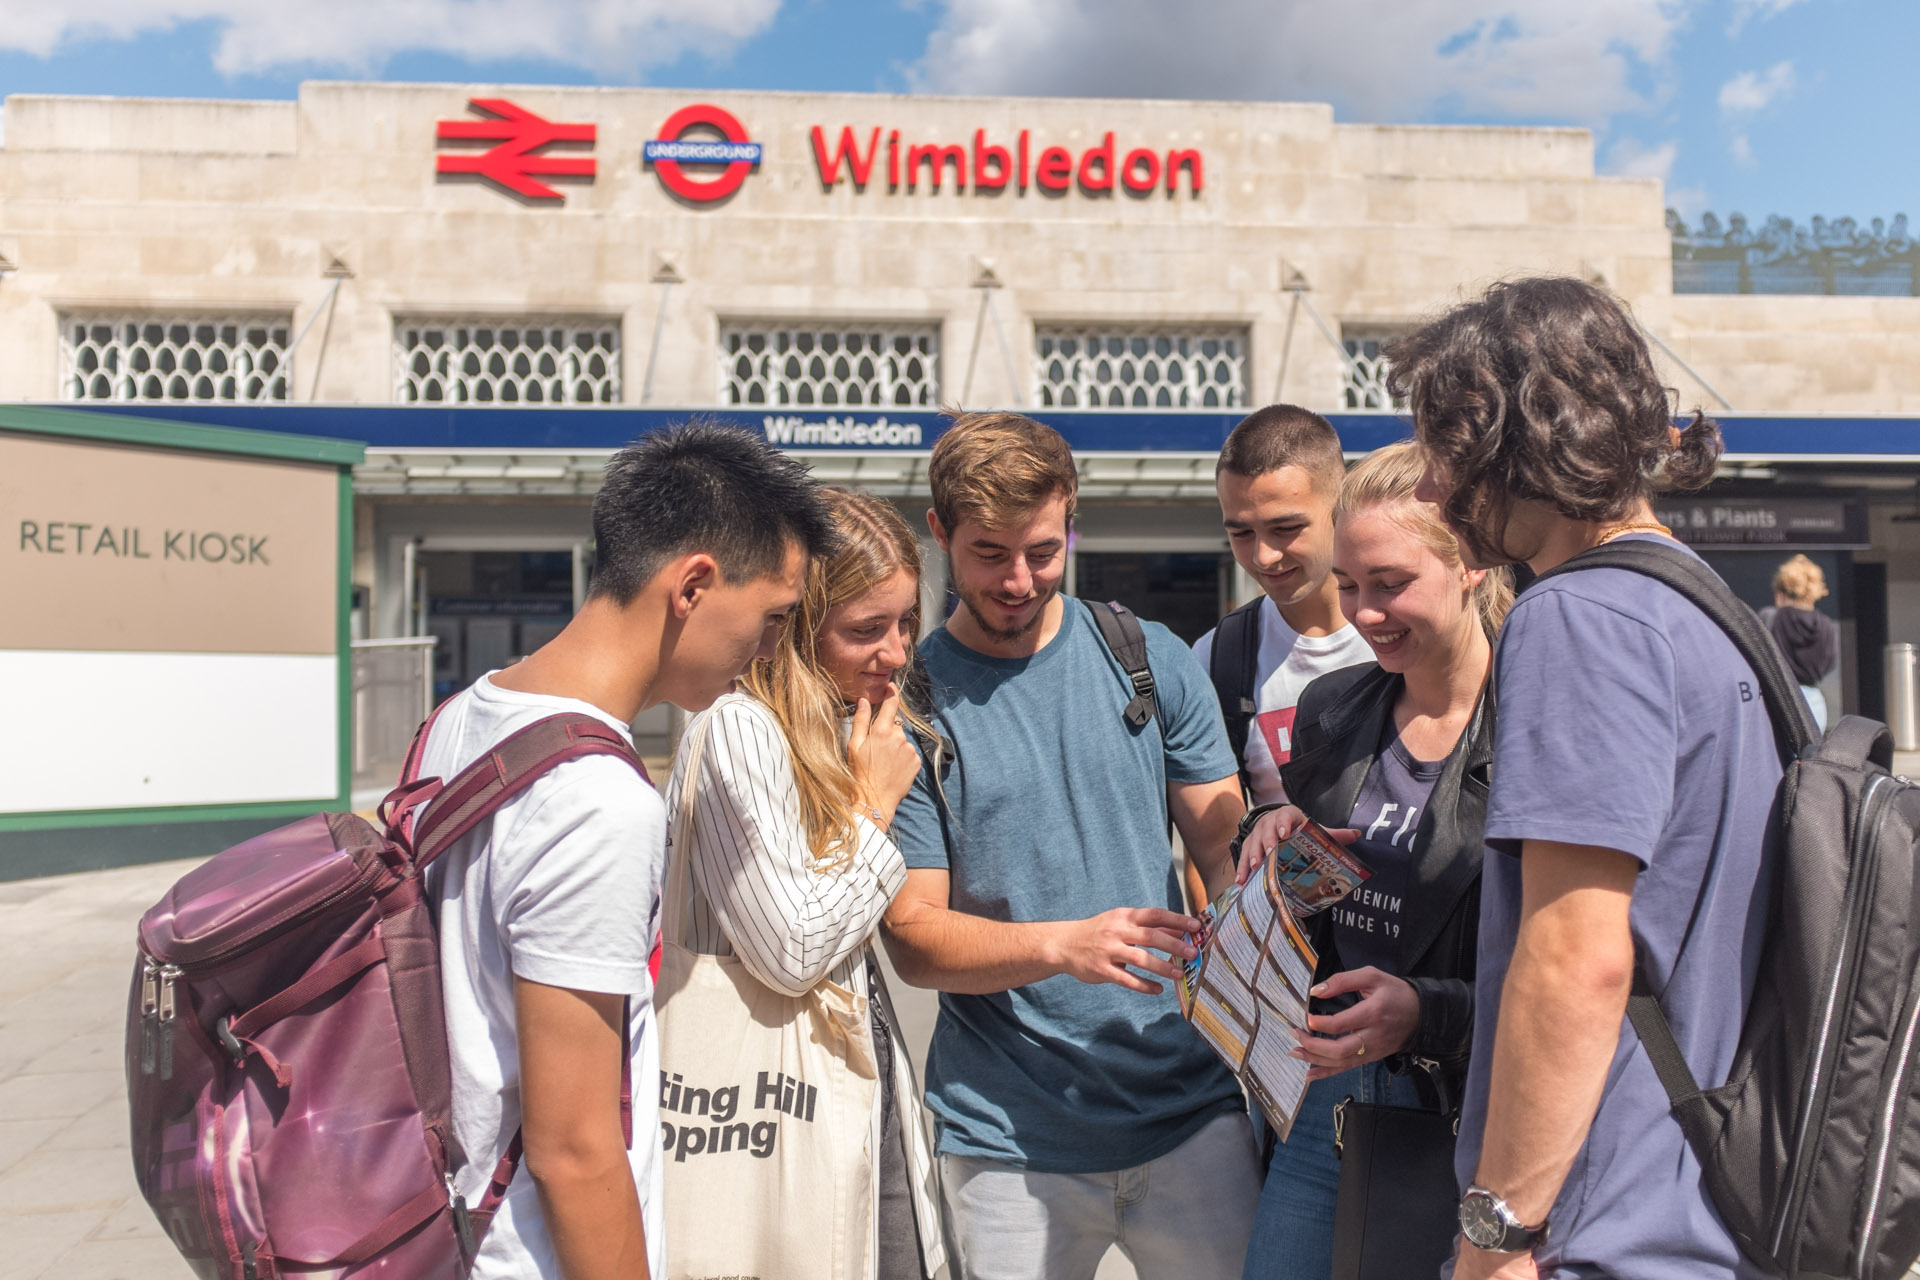 Learn English in Wimbledon